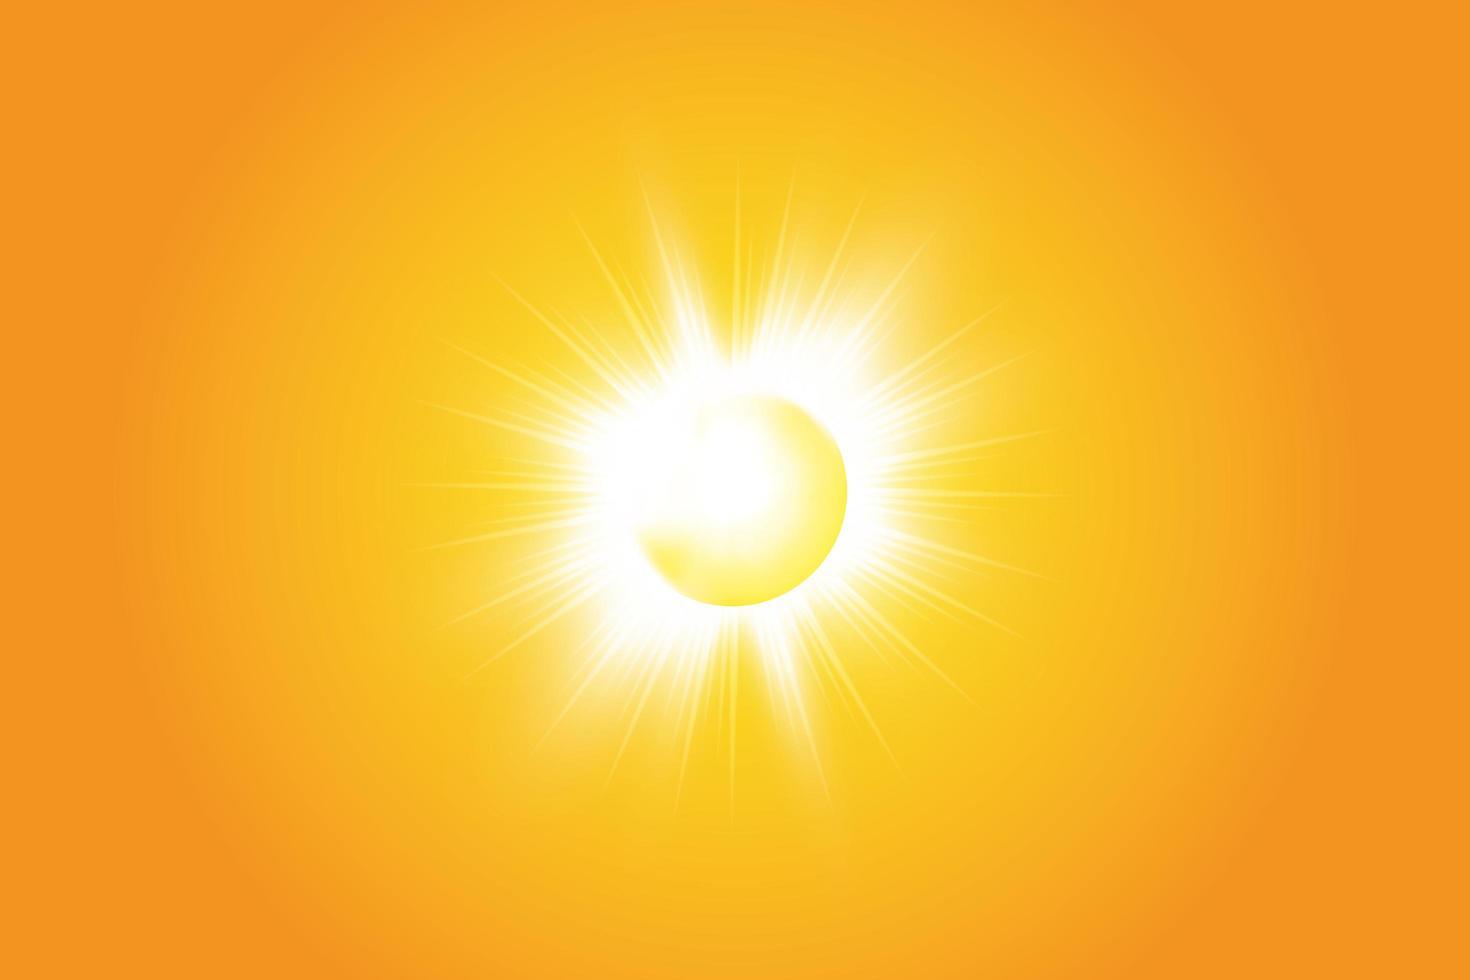 fel stralende zon op geel vector